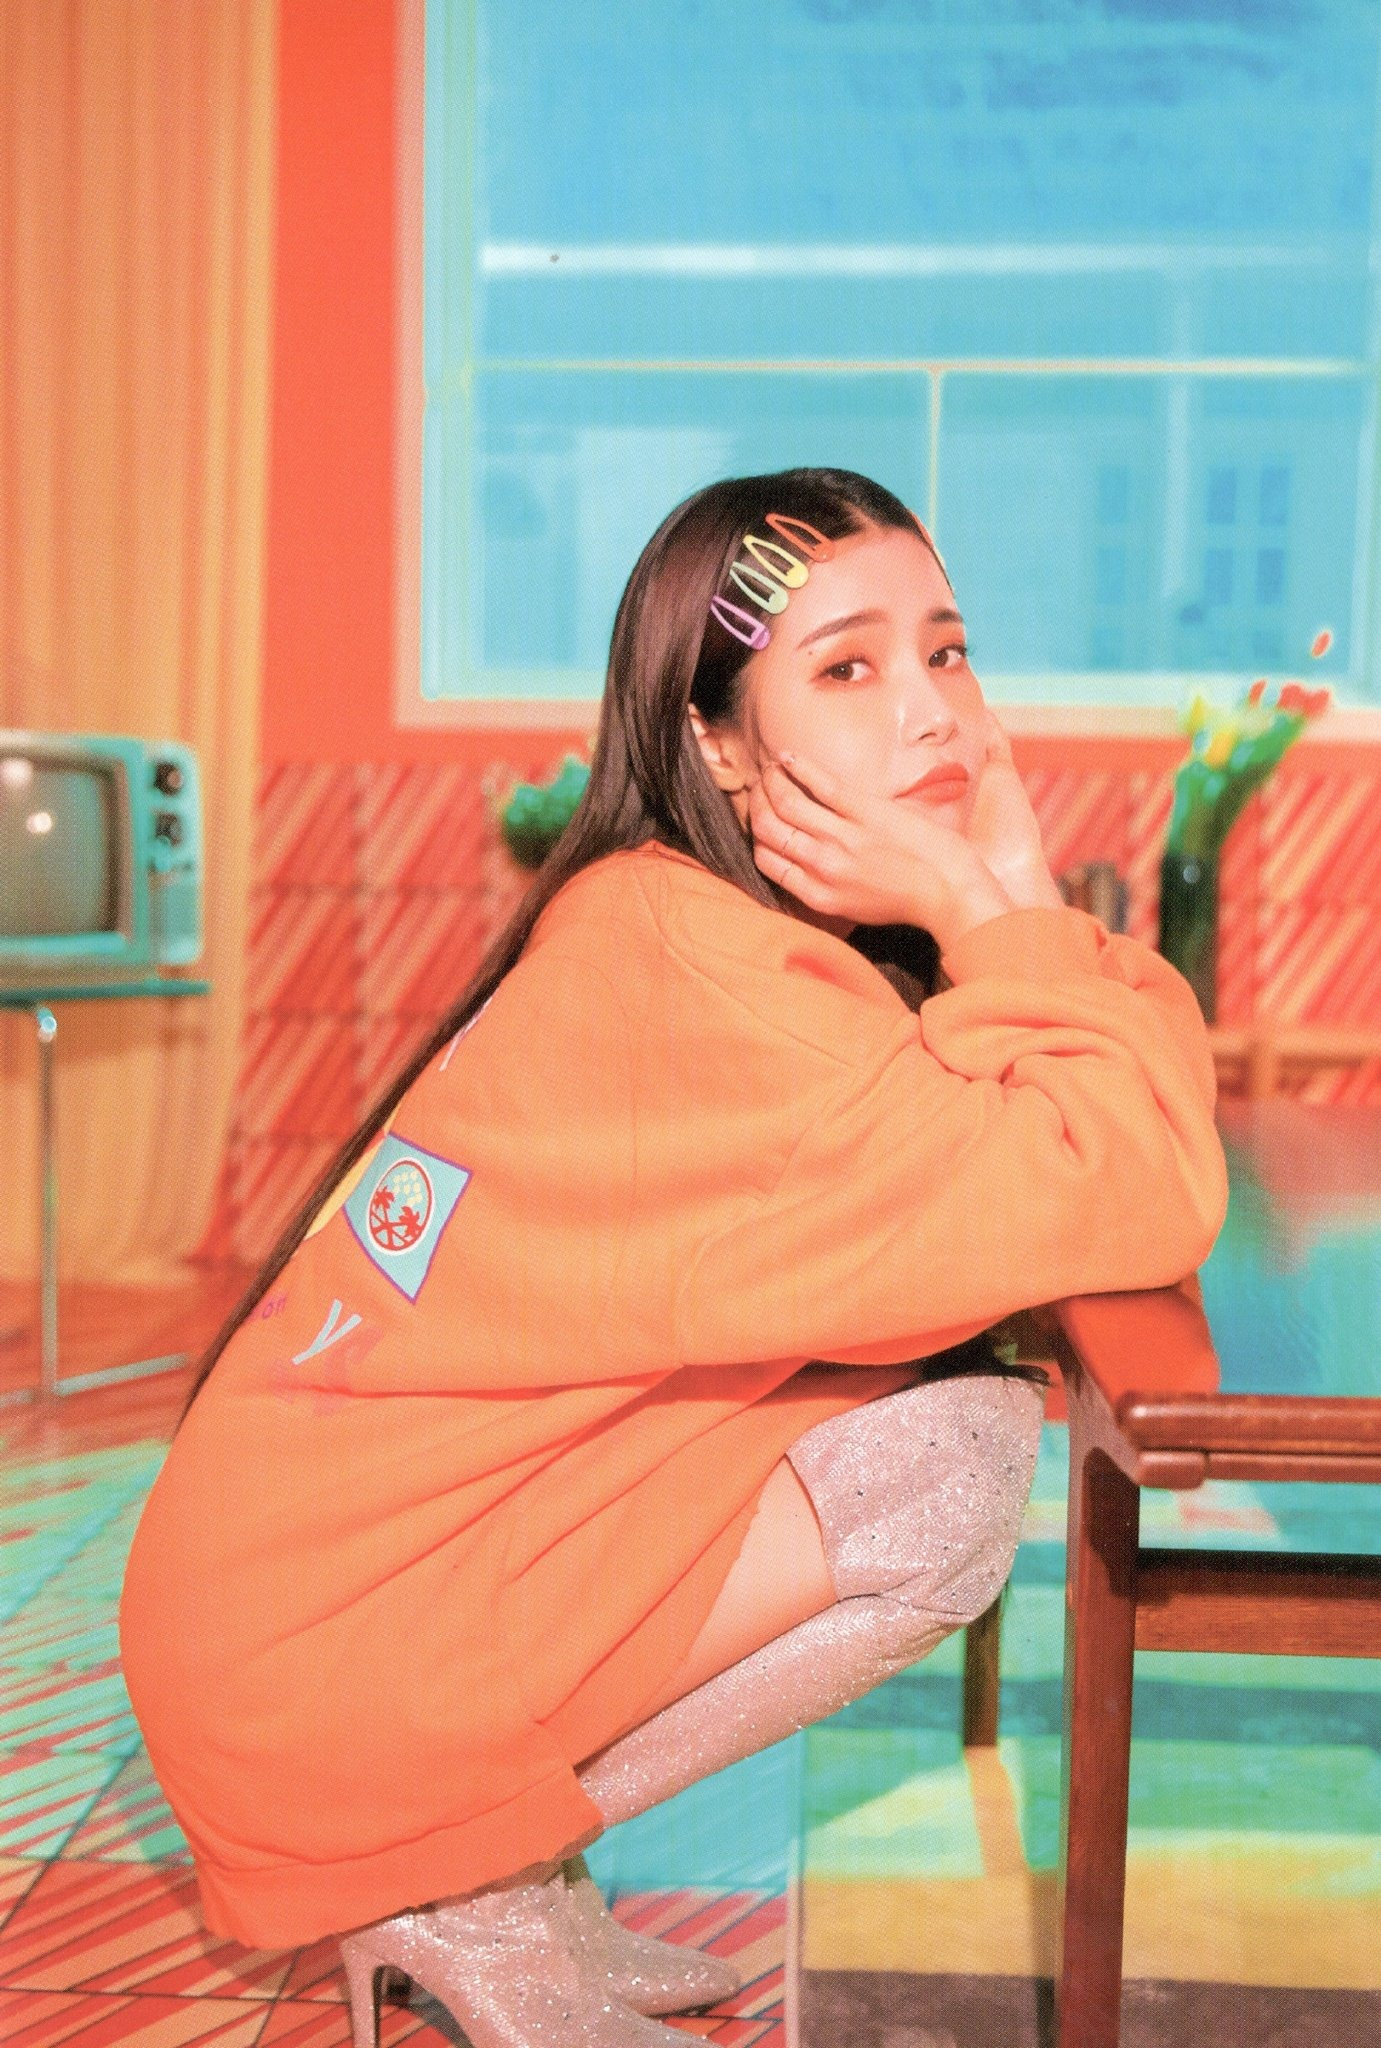 Solar Mamamoo đeo phụ kiện tóc kẹp nhựa đủ màu